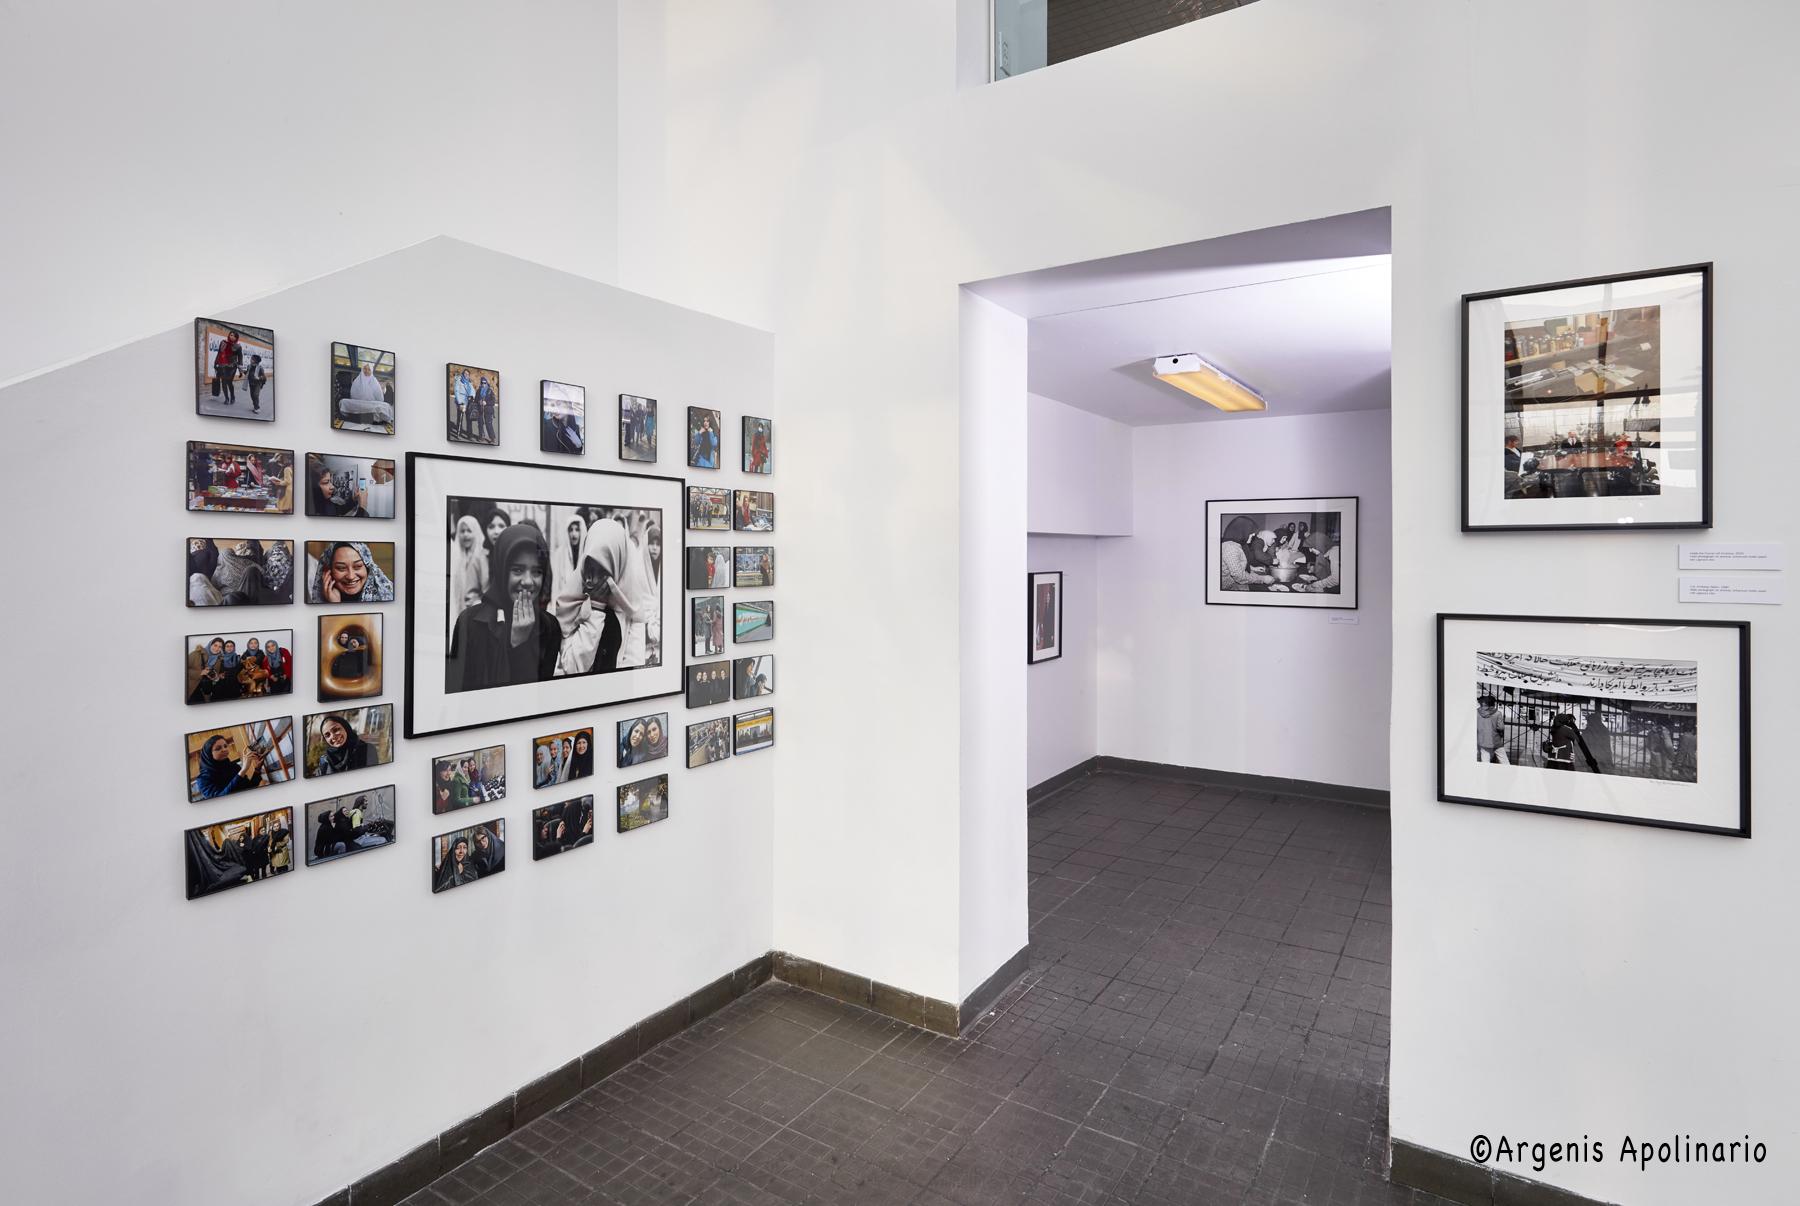 IRAN_WomenOnly_BronxMuseum_View435.jpg